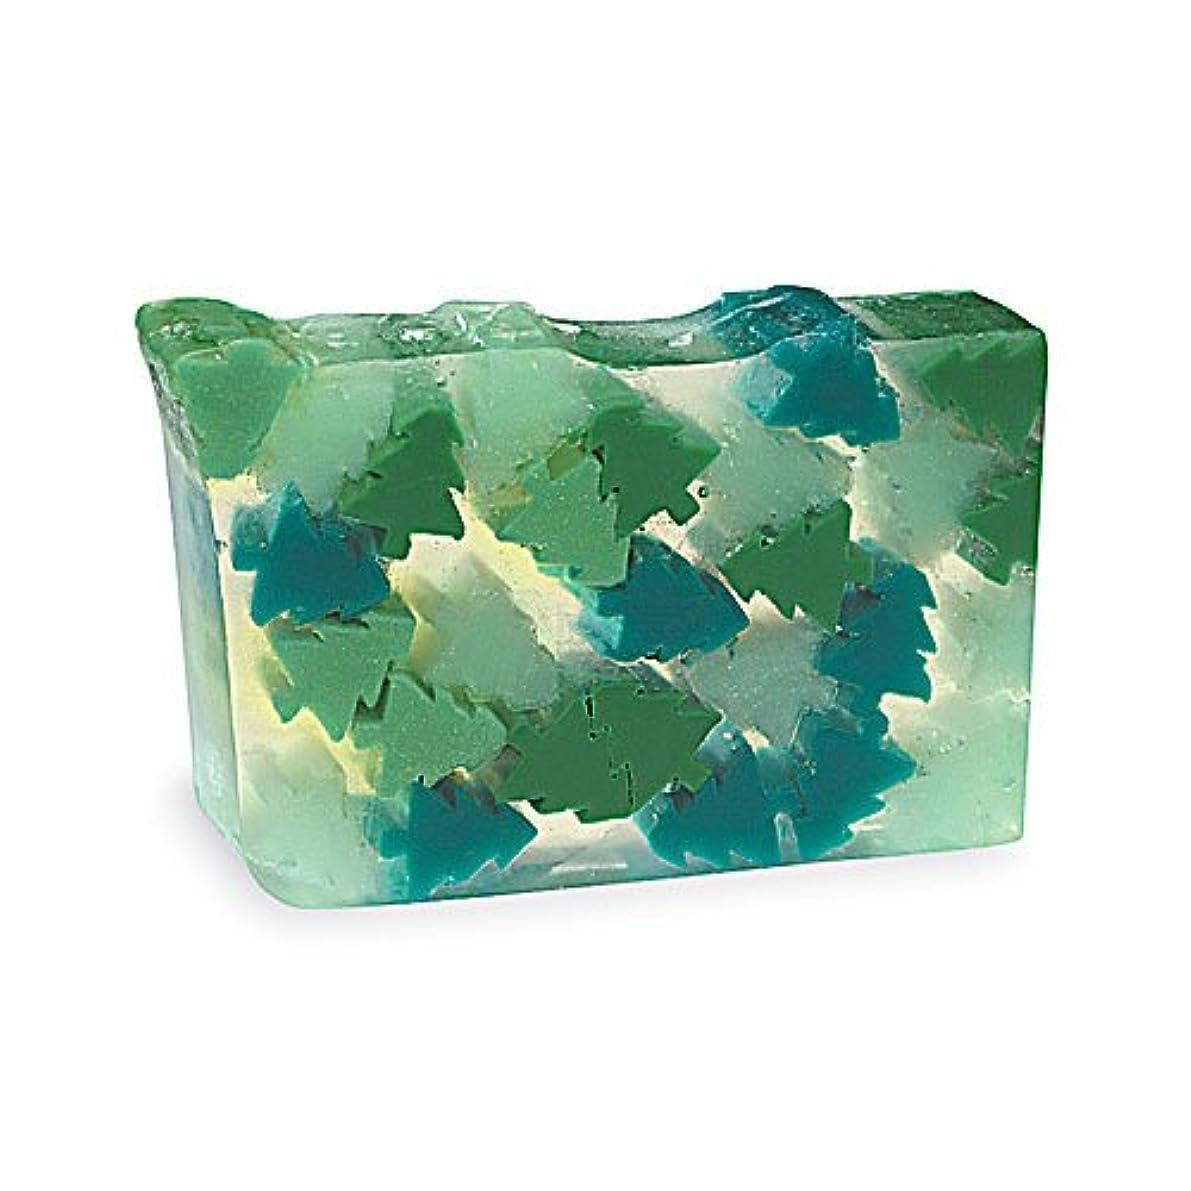 窓を洗う真似るジョージエリオットプライモールエレメンツ アロマティック ソープ エバーグリーンツイスト 180g 植物性 ナチュラル 石鹸 無添加